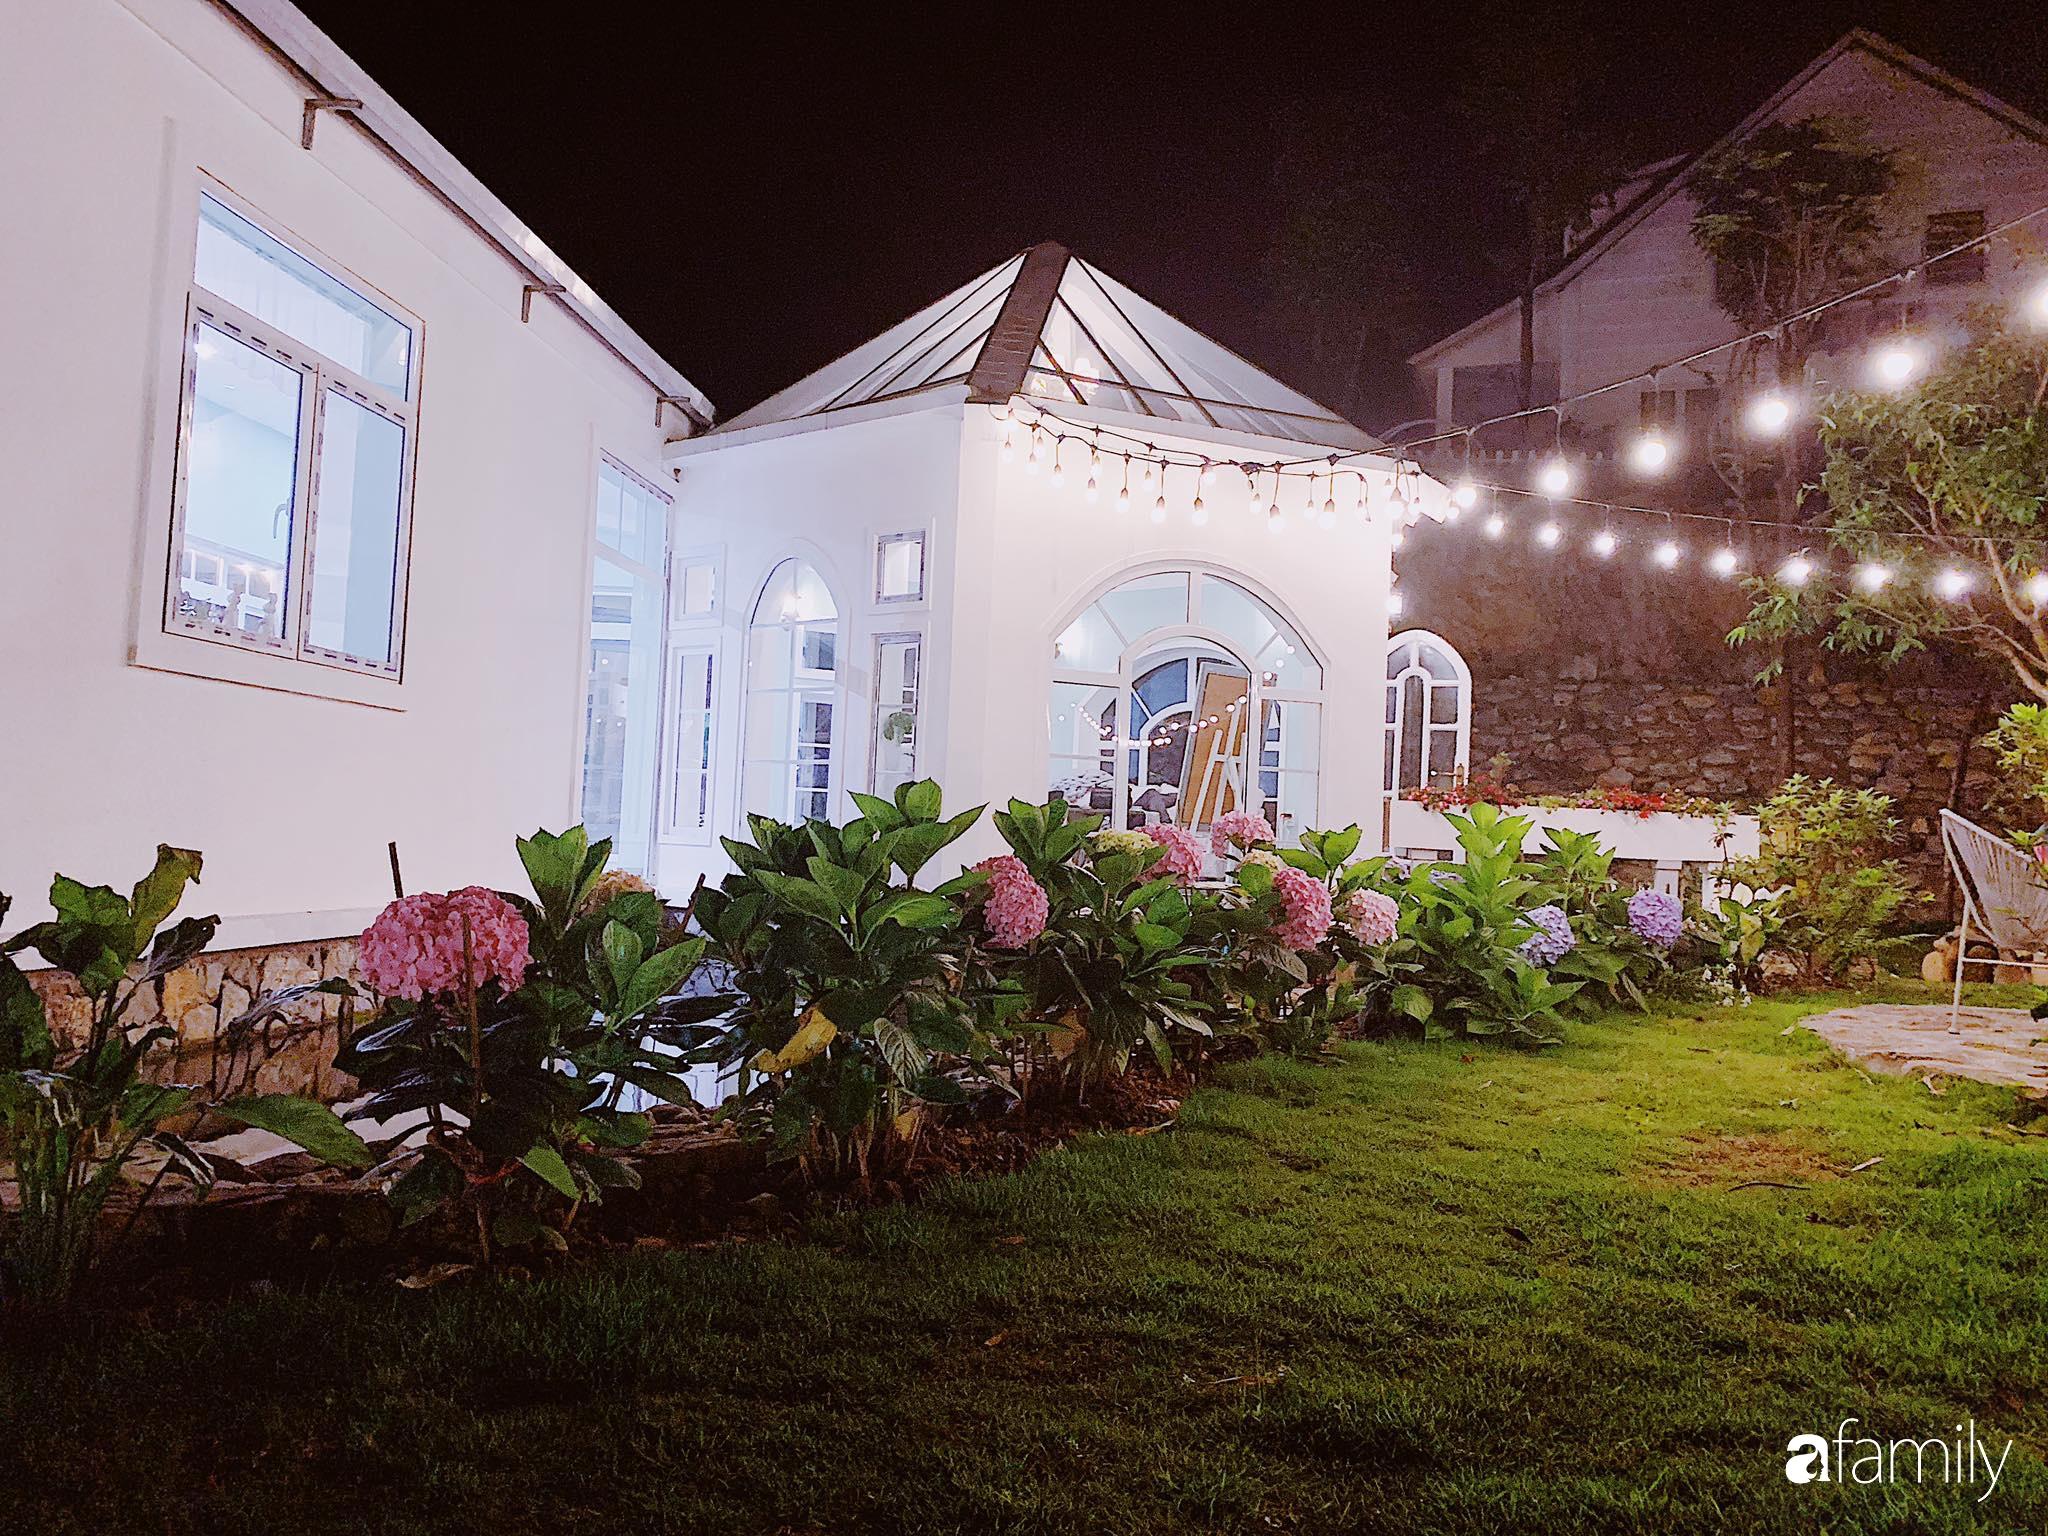 Biệt thự 1000m² tọa lạc trên đồi đẹp yên bình với ngoại thất sân vườn rực rỡ sắc màu hoa lá ở Hòa Bình - Ảnh 6.